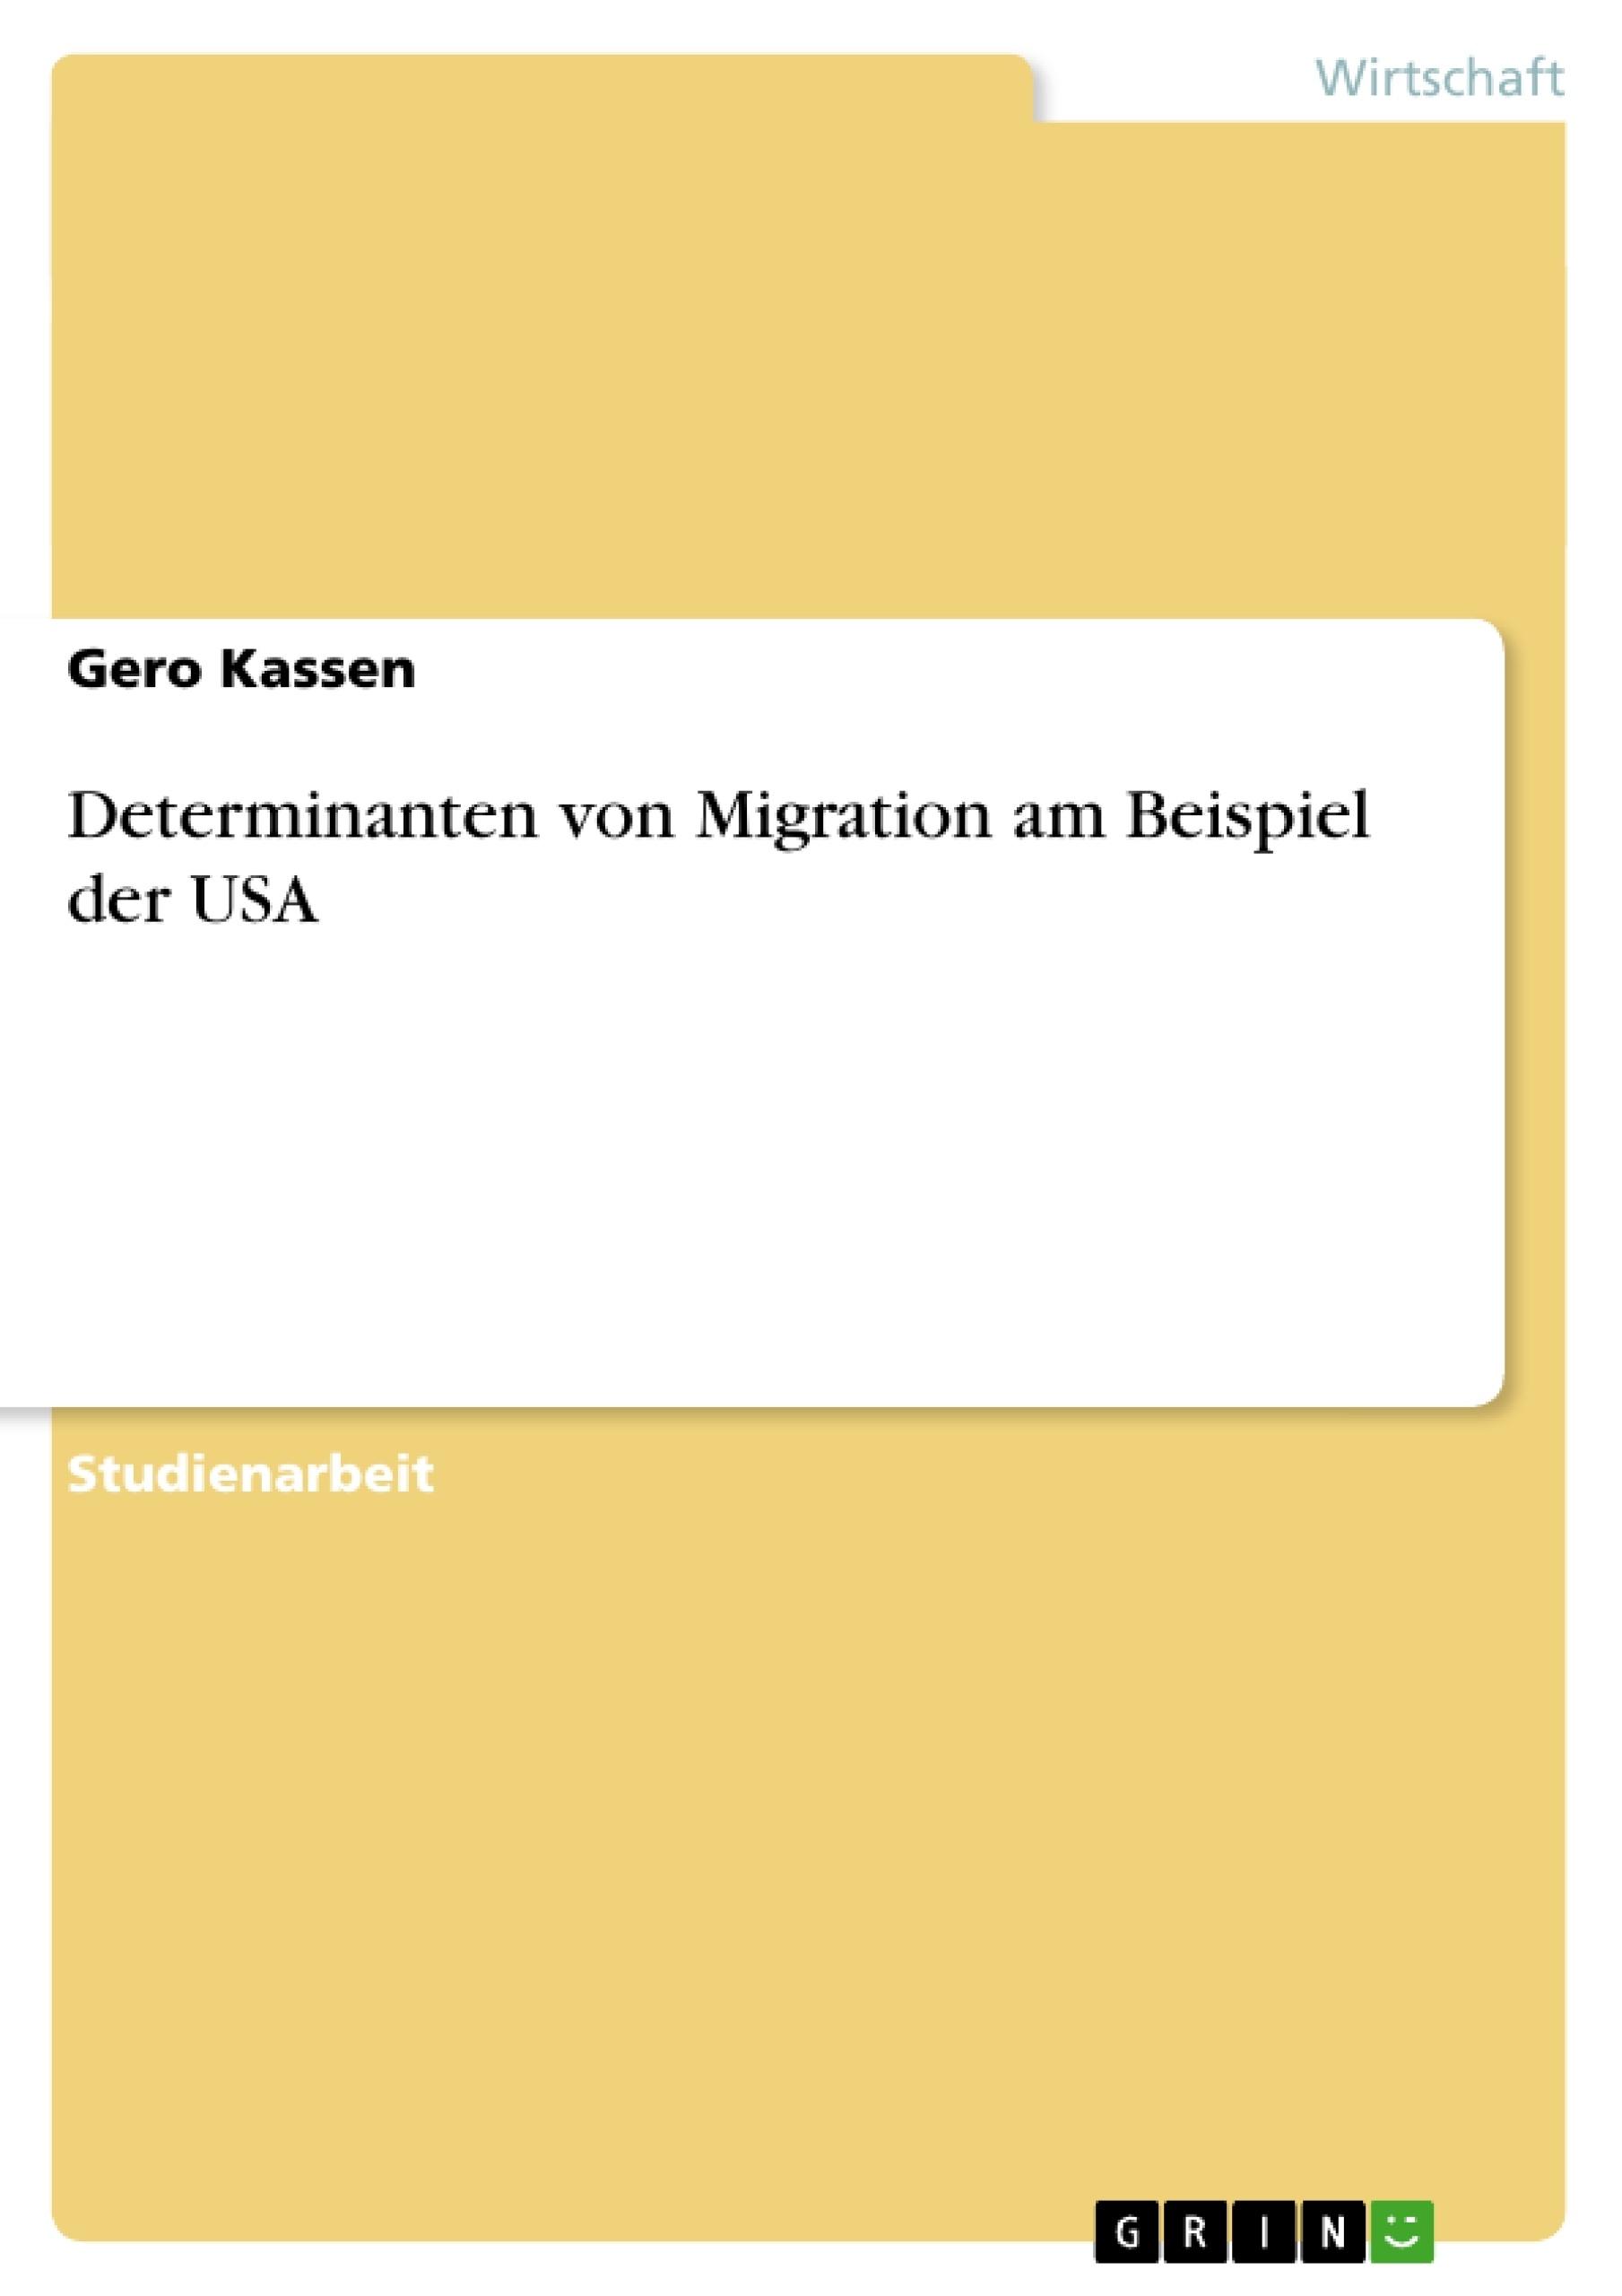 Titel: Determinanten von Migration am Beispiel der USA